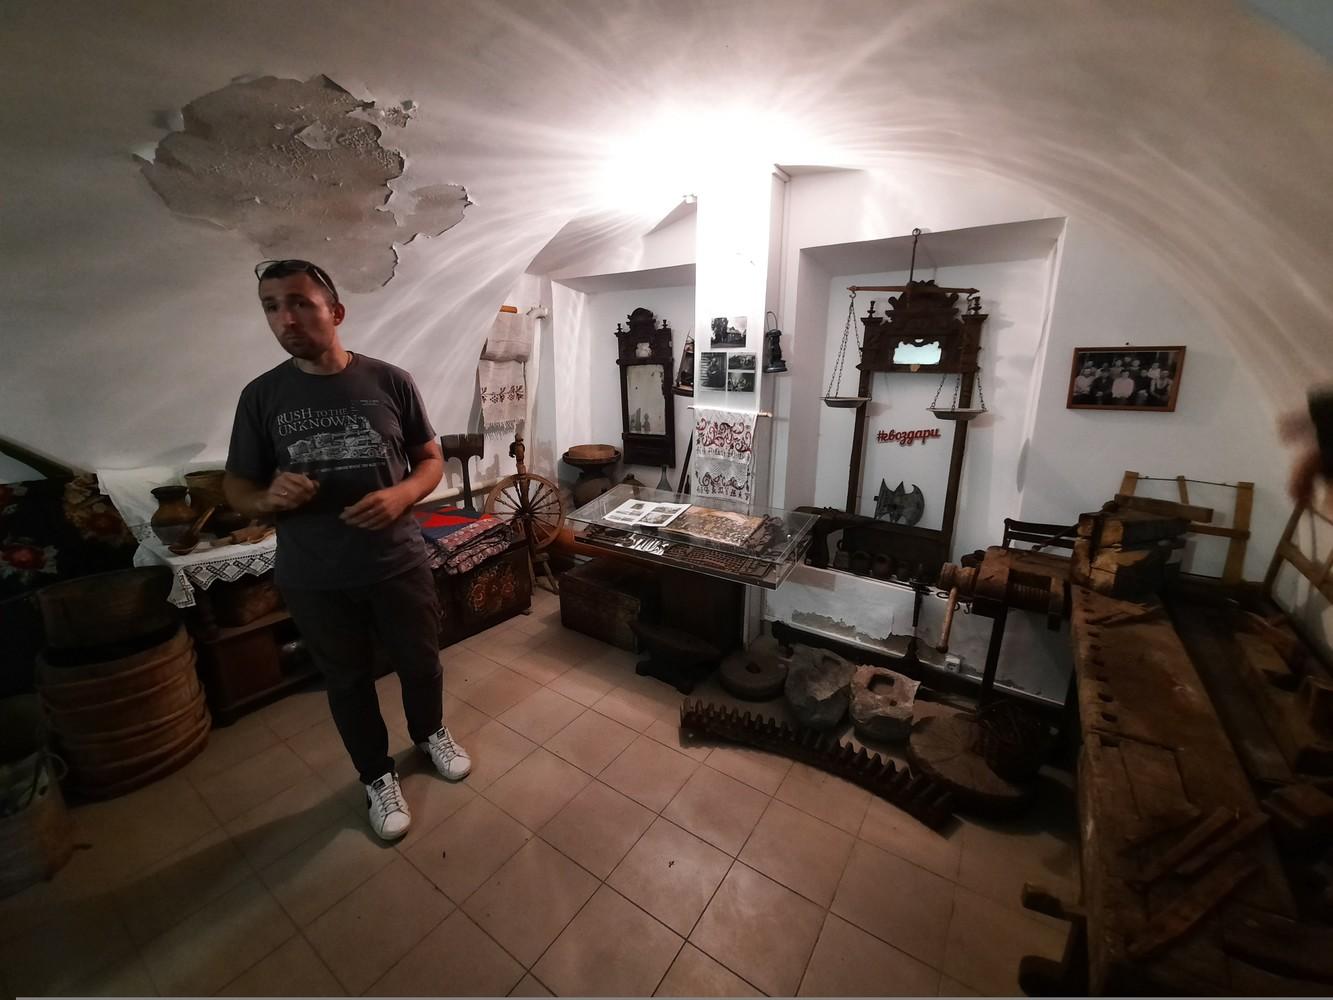 Жители Тверской области могут помочь открыть уникальный музей гвоздарей